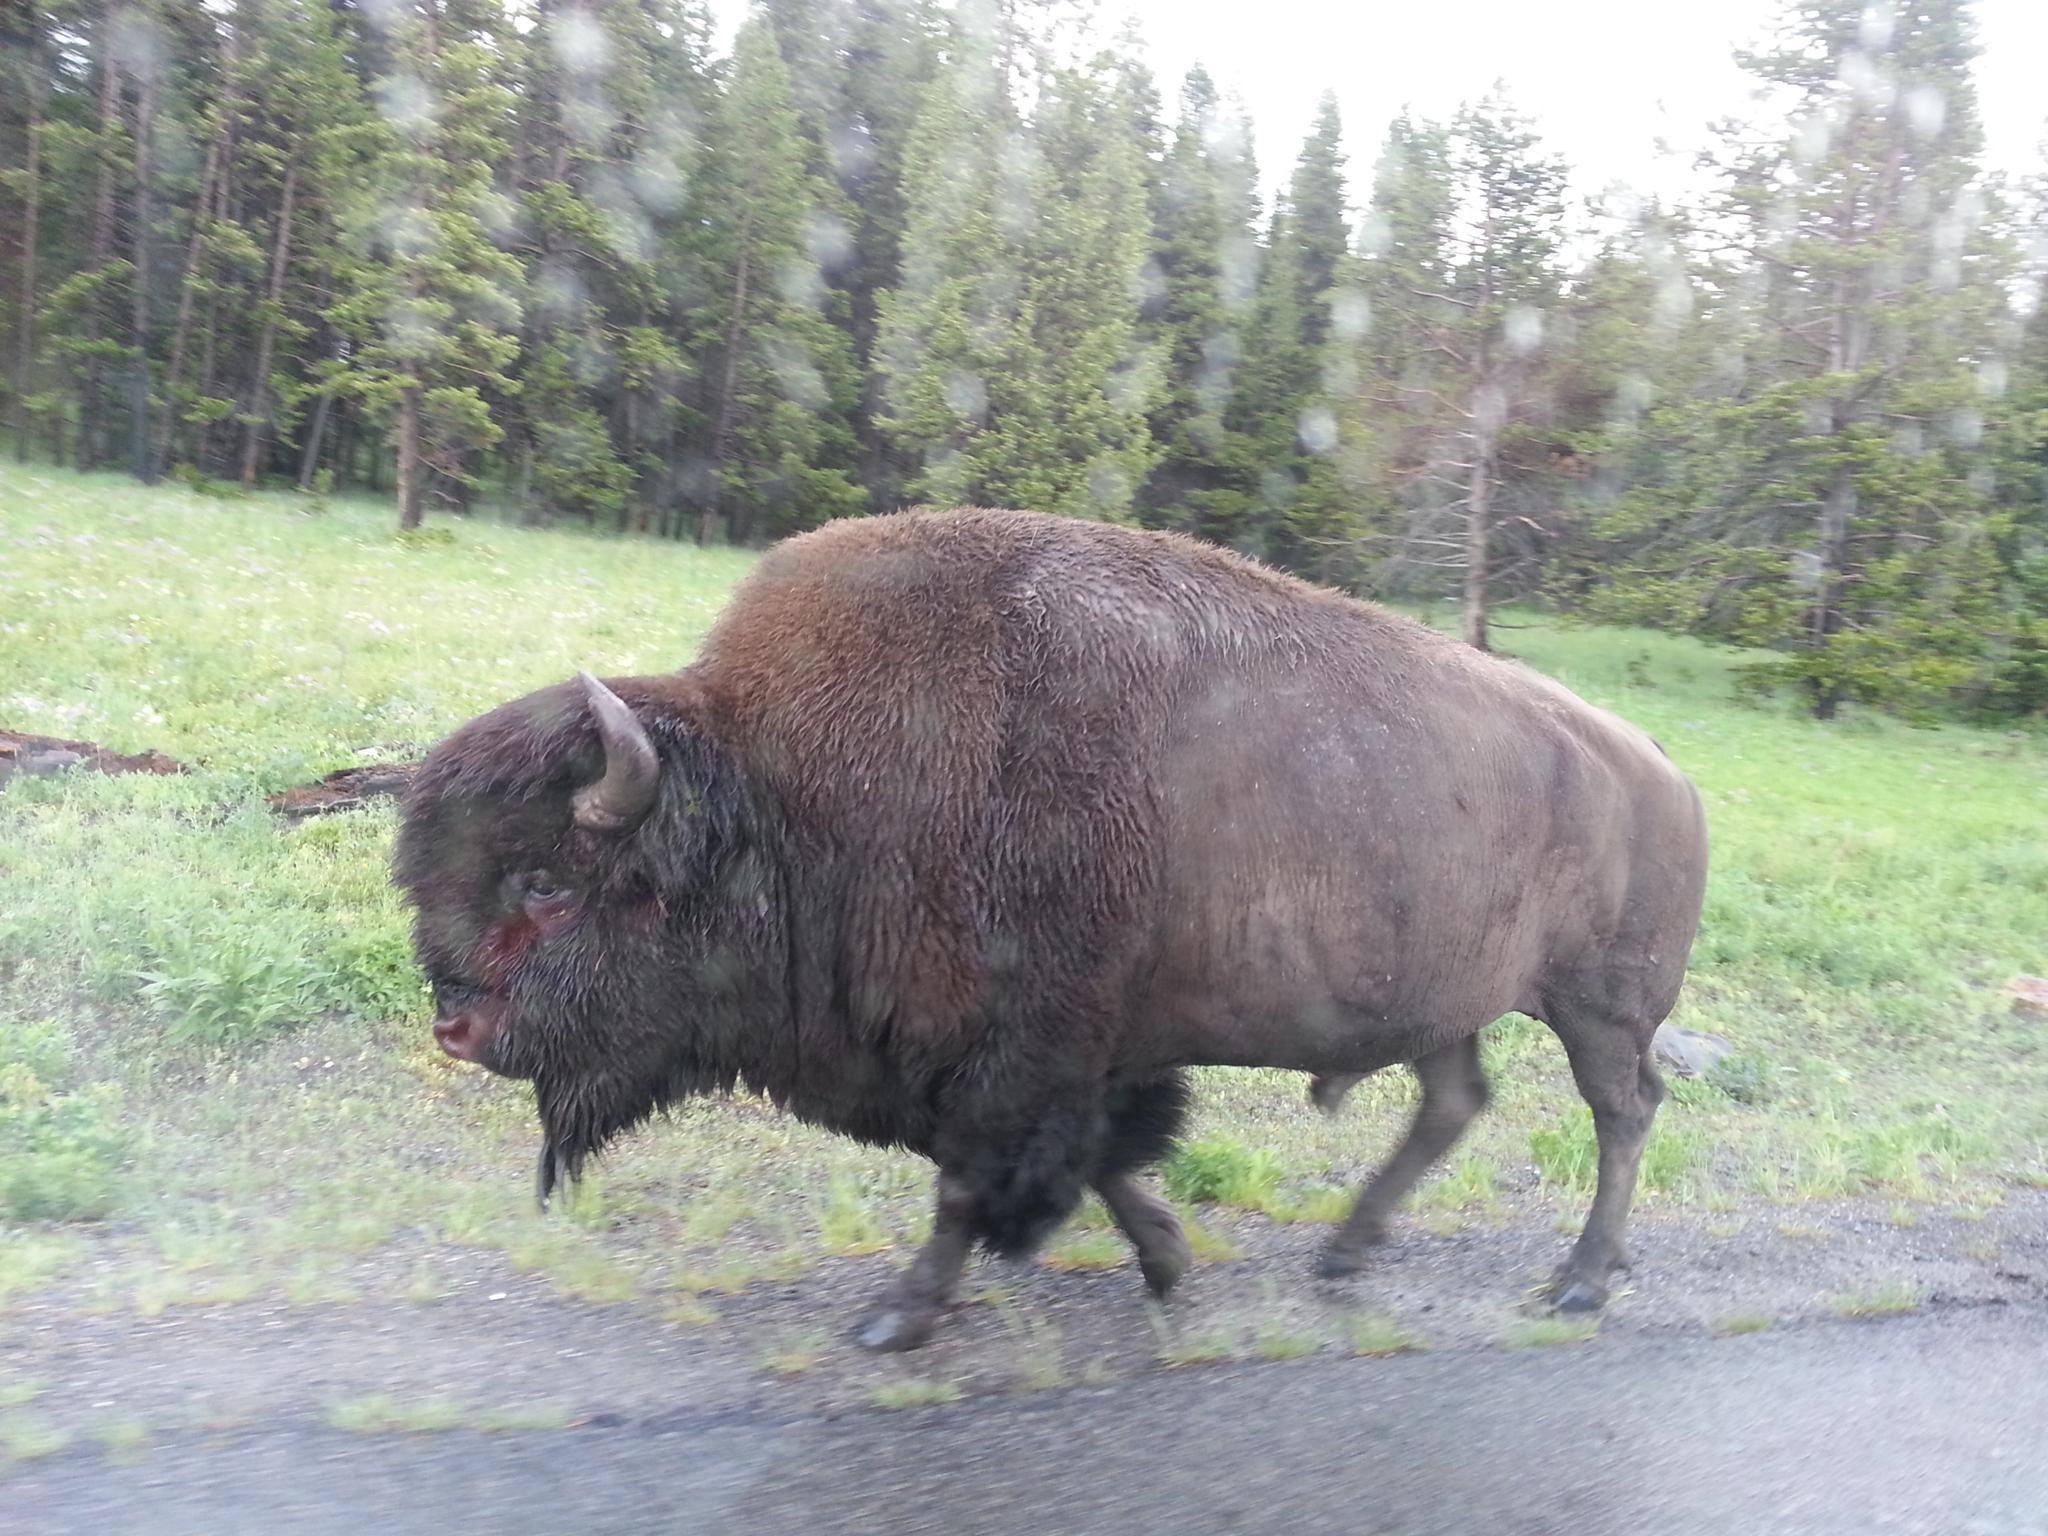 Buffalo  by drcarlosesparza